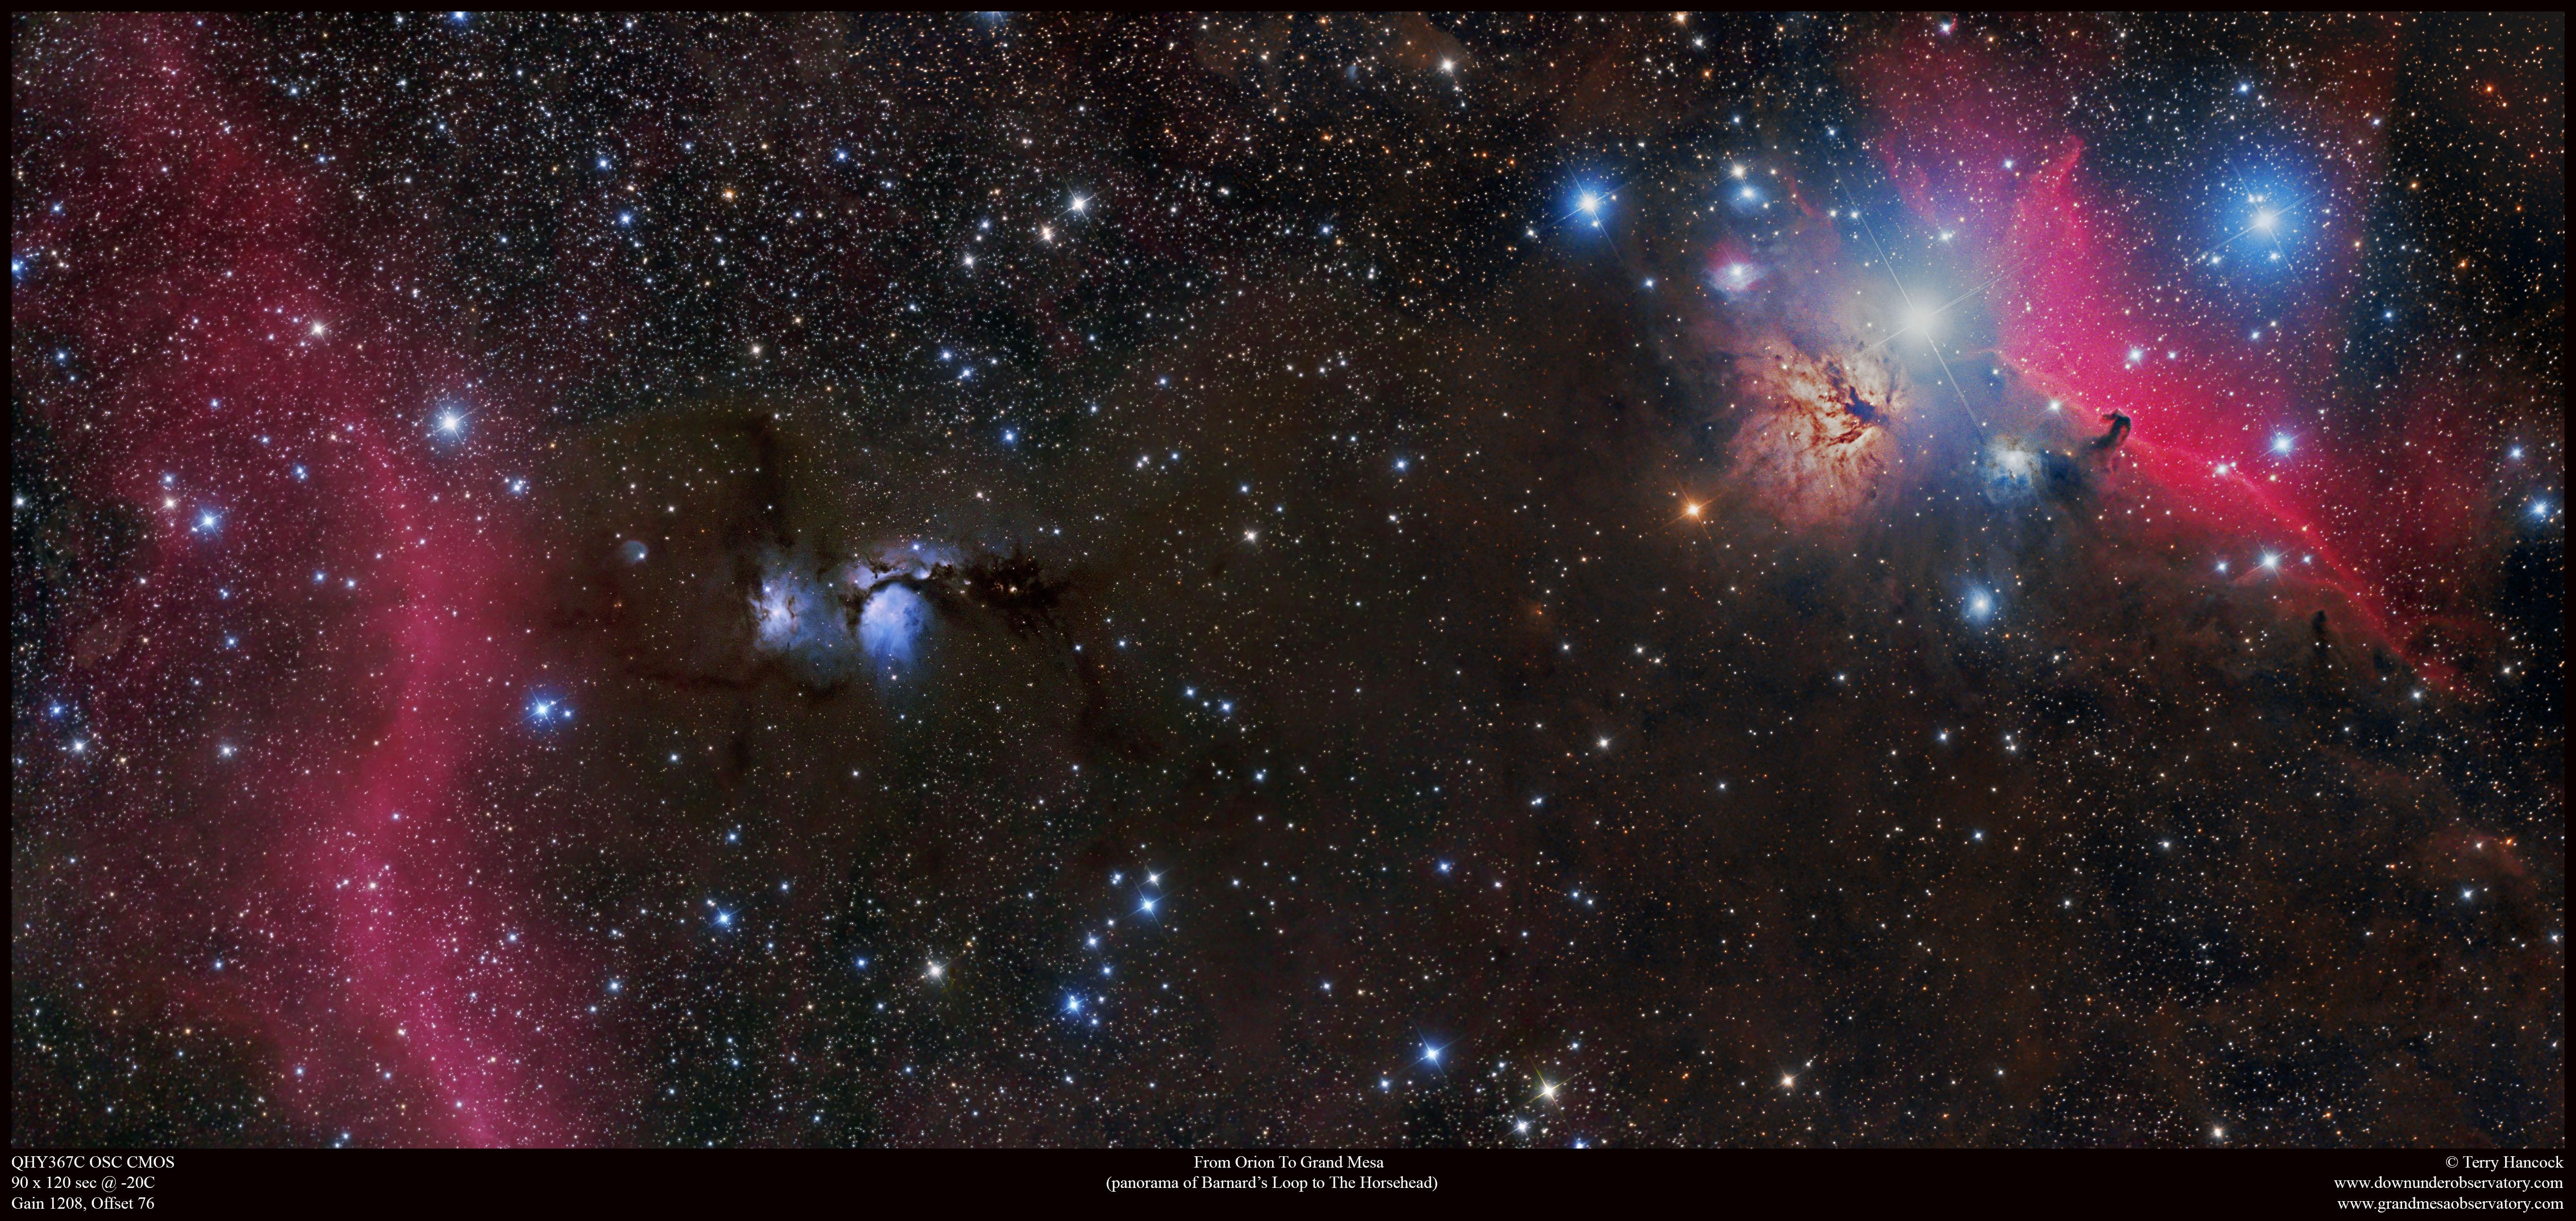 デスクトップ壁紙 銀河 スペース 星雲 オリオン 雰囲気 科学